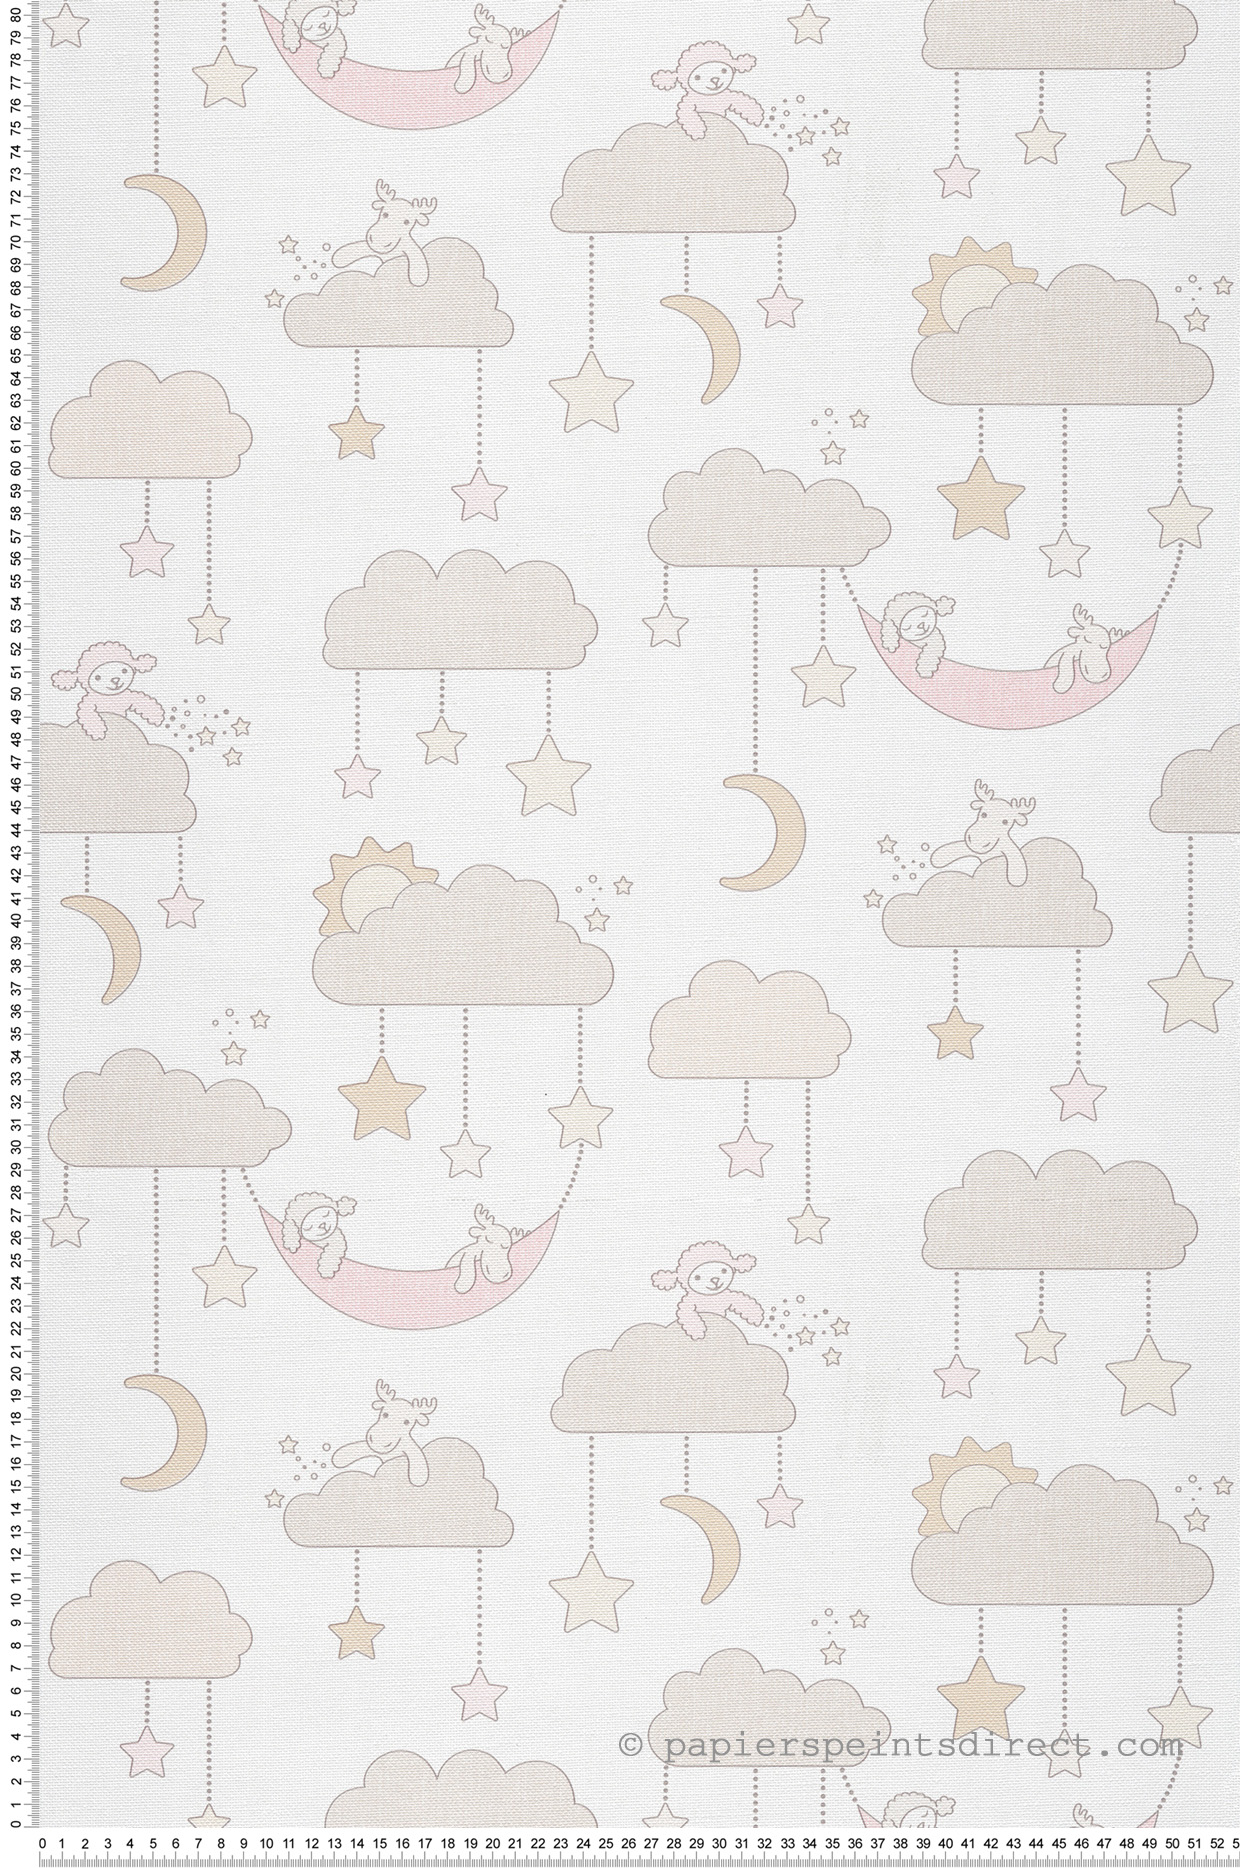 Papier peint bébé Nuages étoilés beige - Jack N Rose 2 de Montecolino | Réf. MC-LL3010